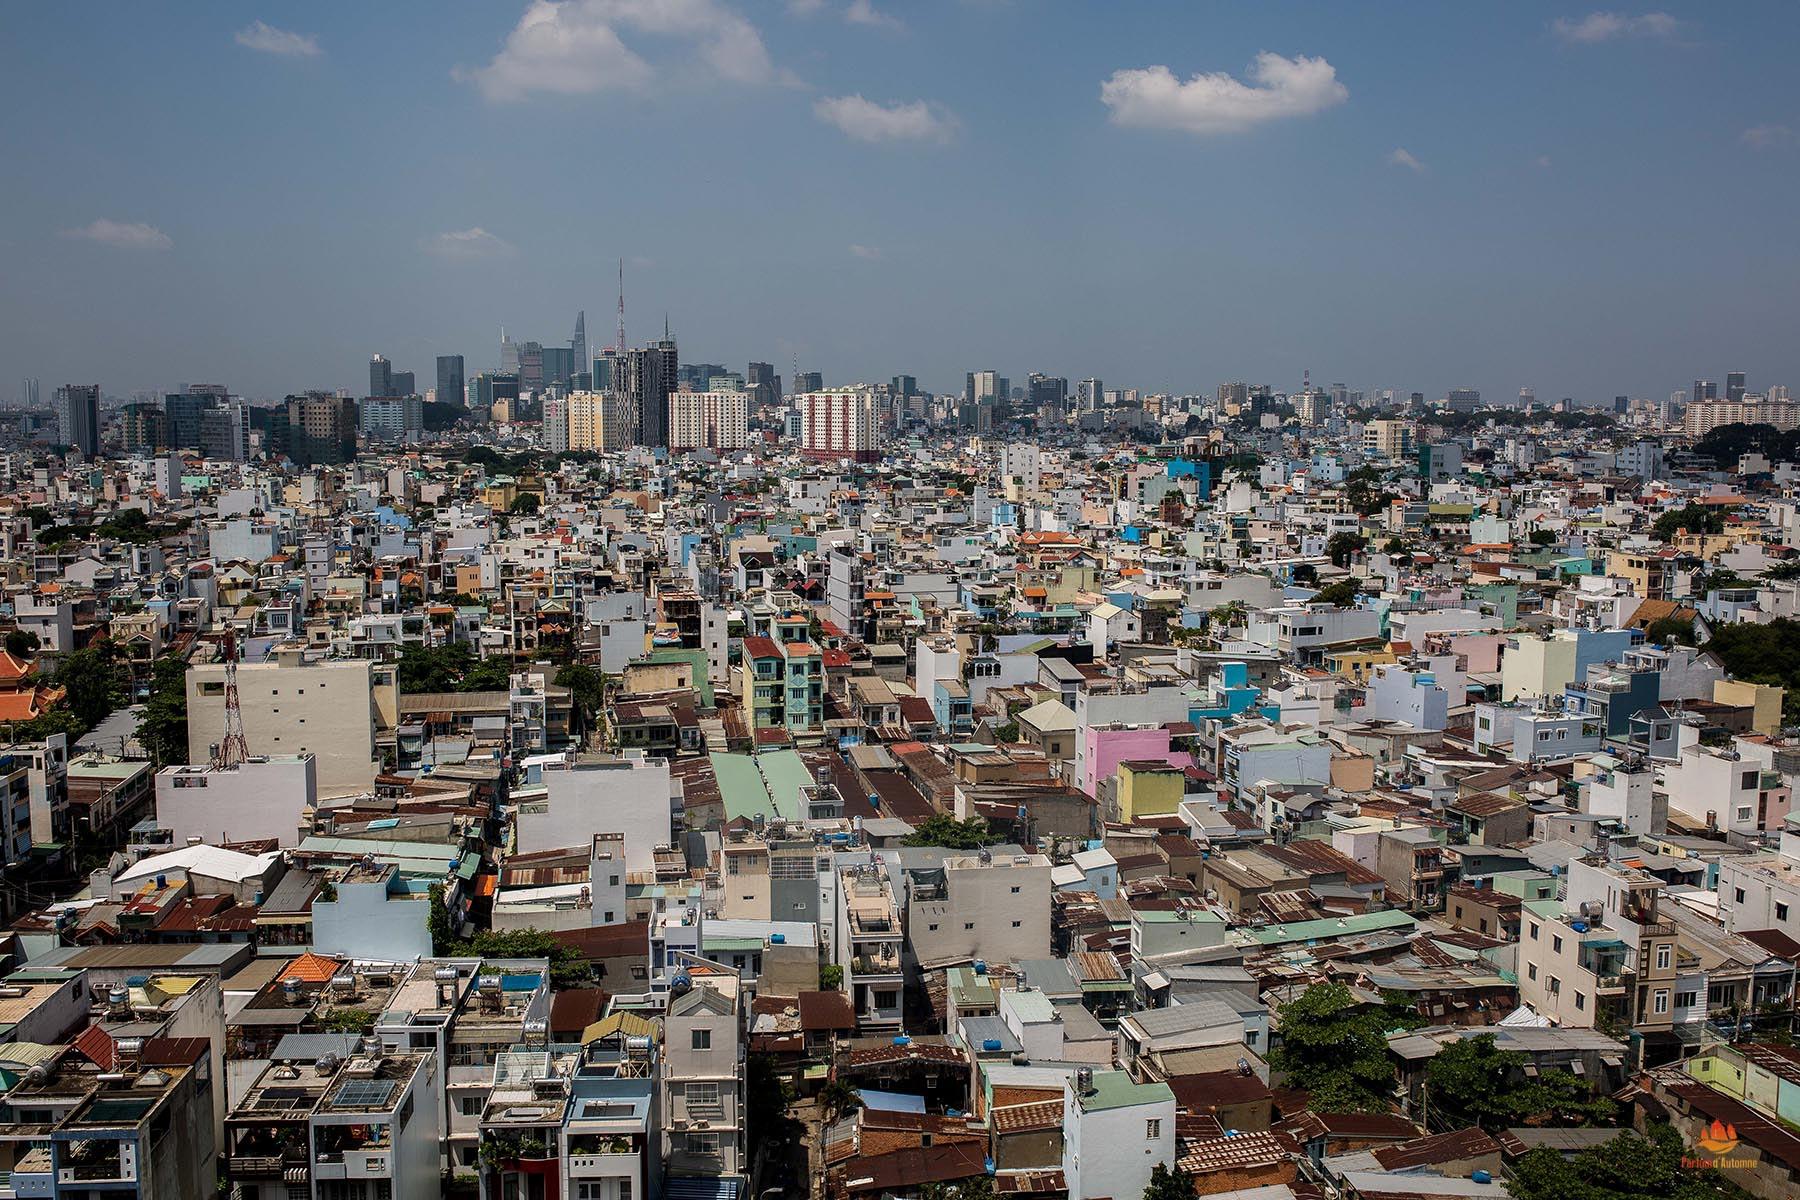 Densité des habitations, Saigon, Vietnam